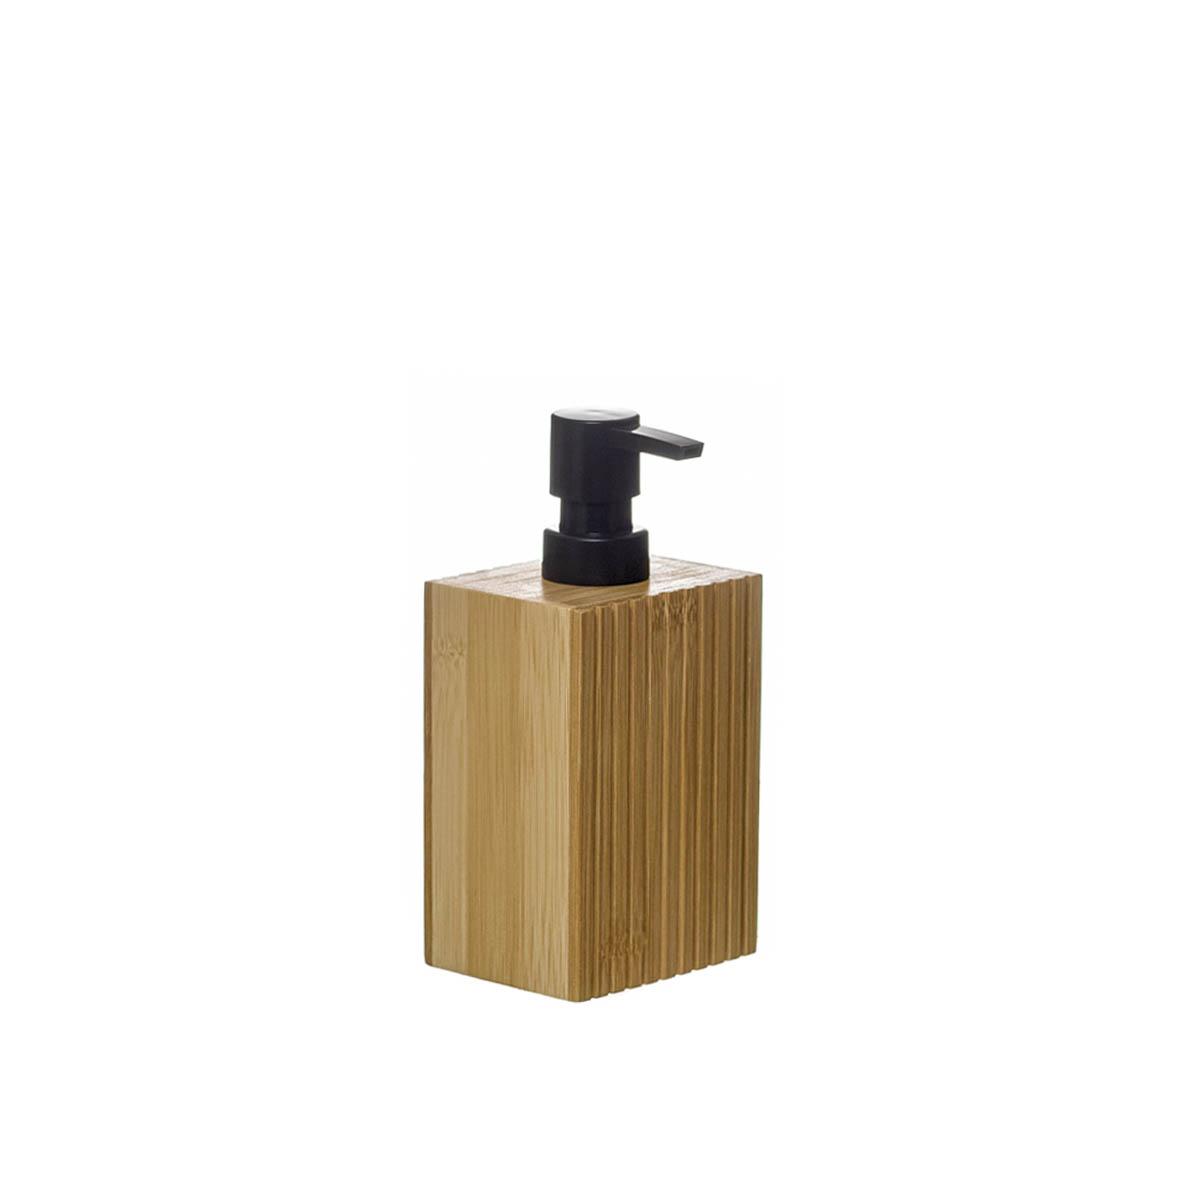 Dispensador sabão em bambu